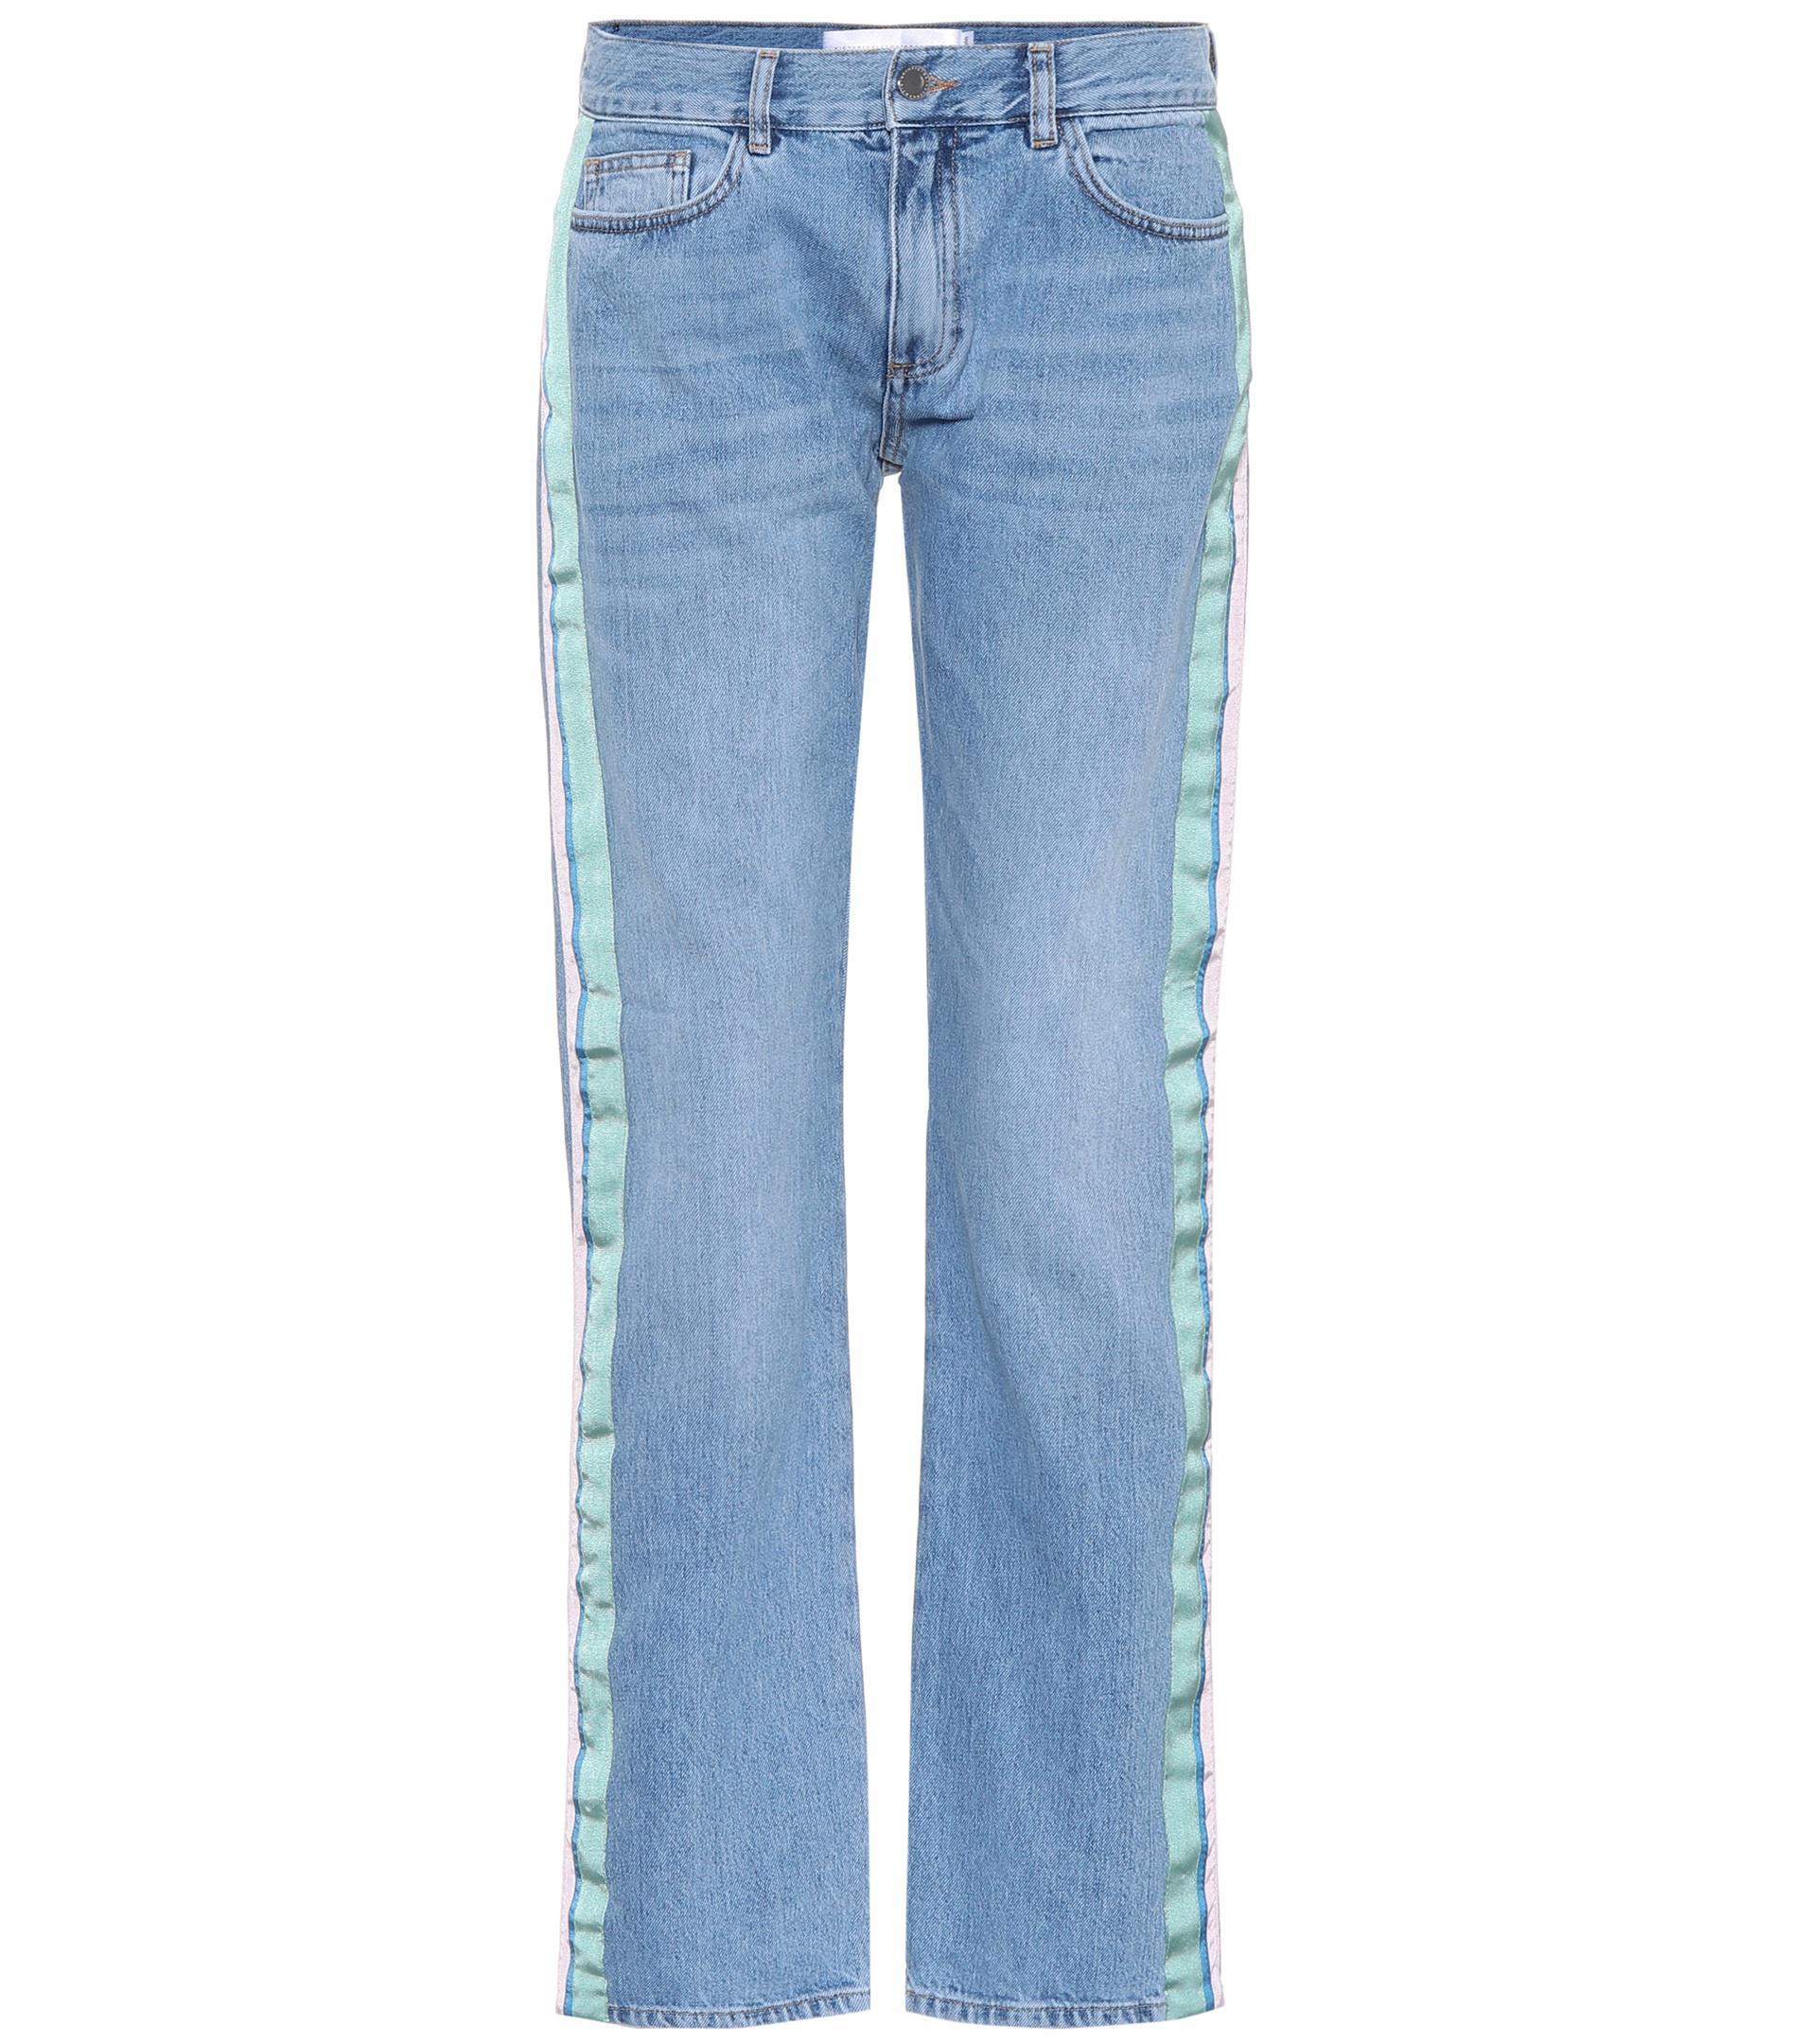 Victoria, Victoria Beckham Woman Faded High-rise Slim-leg Jeans Dark Denim Size 25 Victoria Beckham